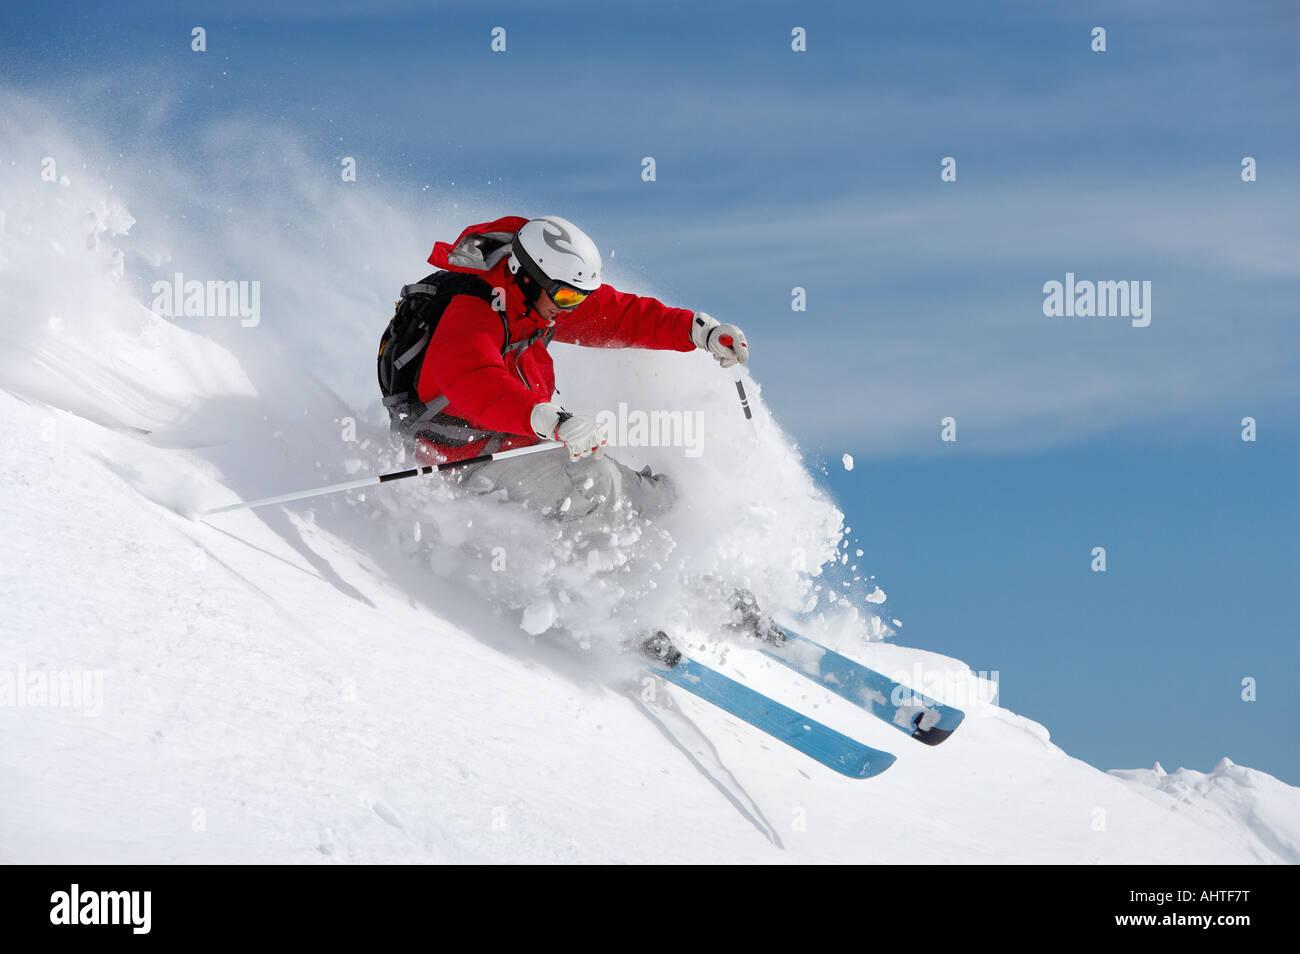 Austria, Saalbach, man skiing on slope sending up snow spray - Stock Image